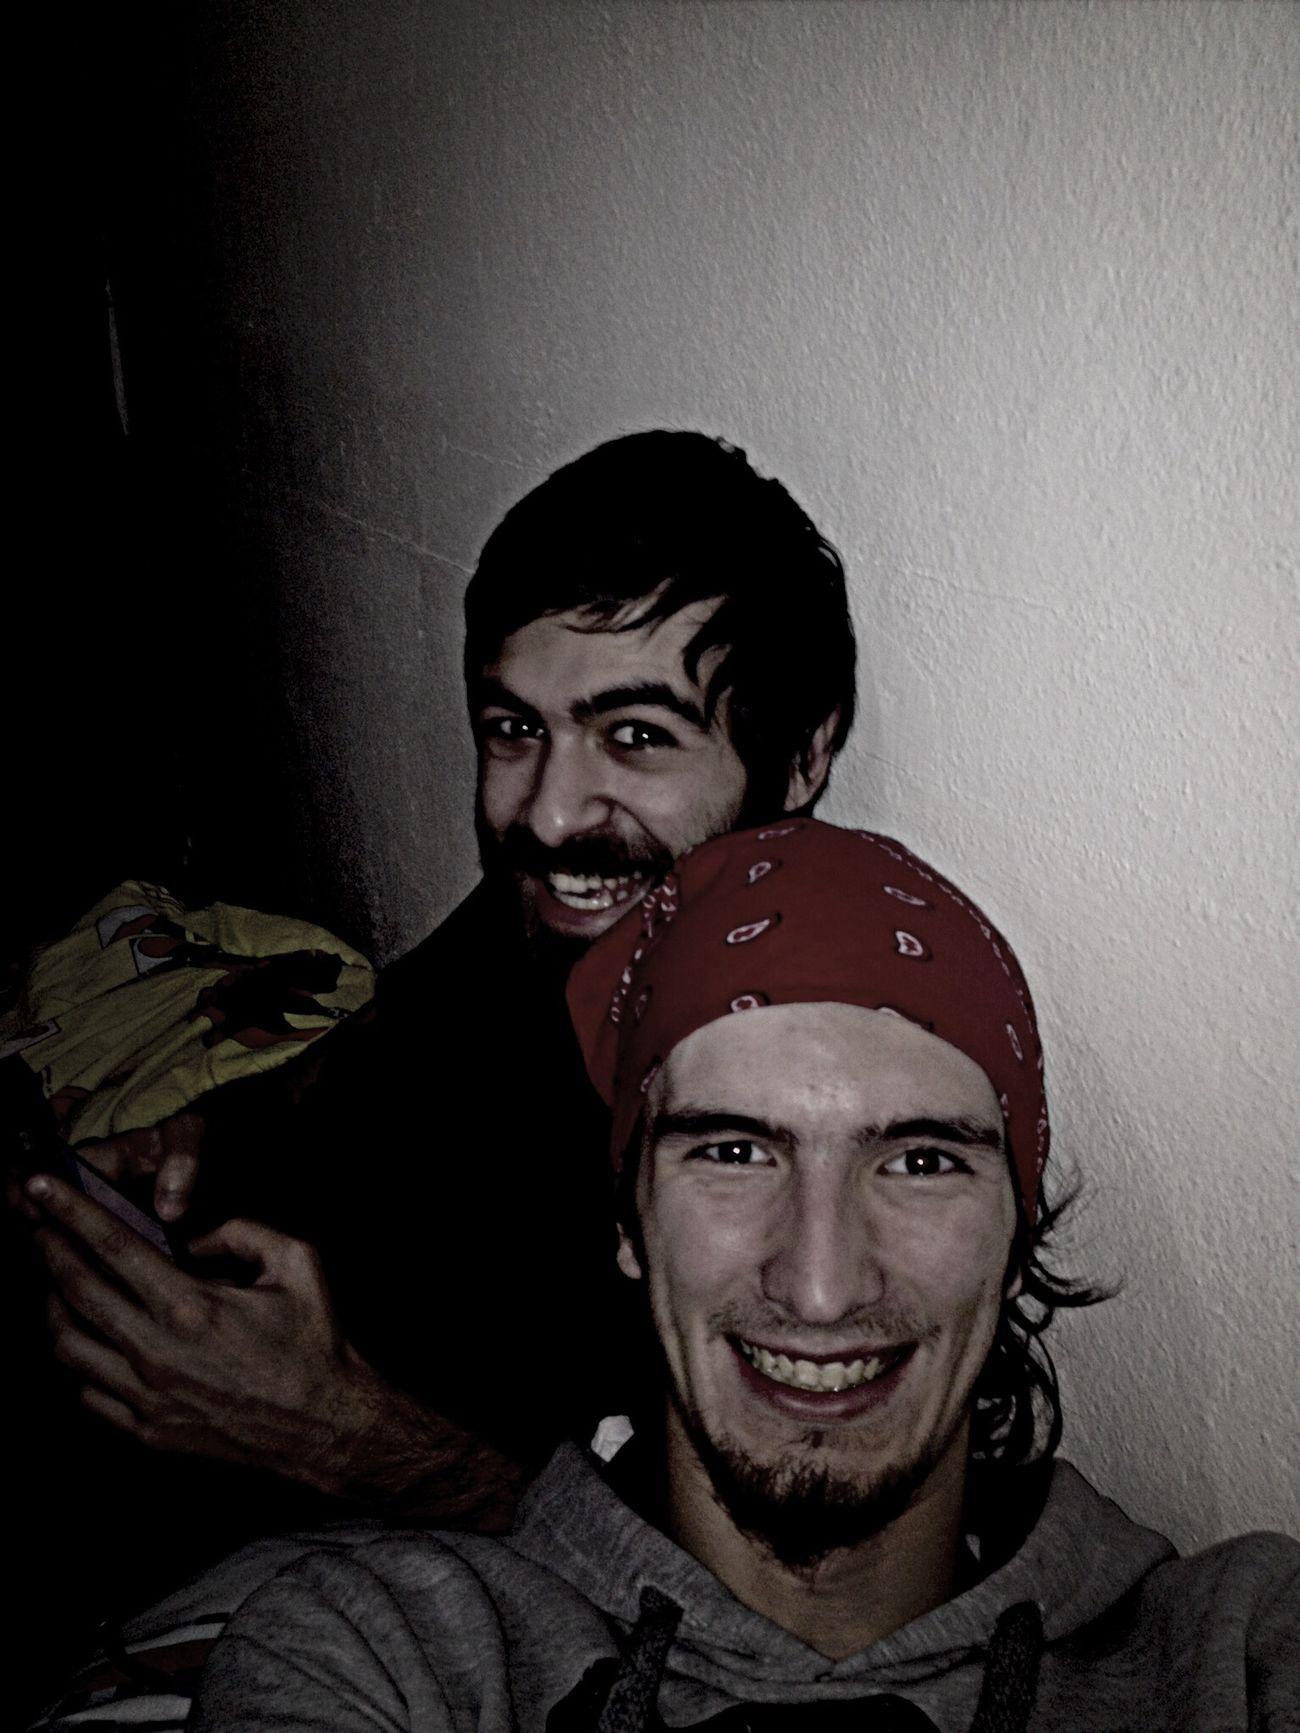 Selfie Smile Cheese! Selfie